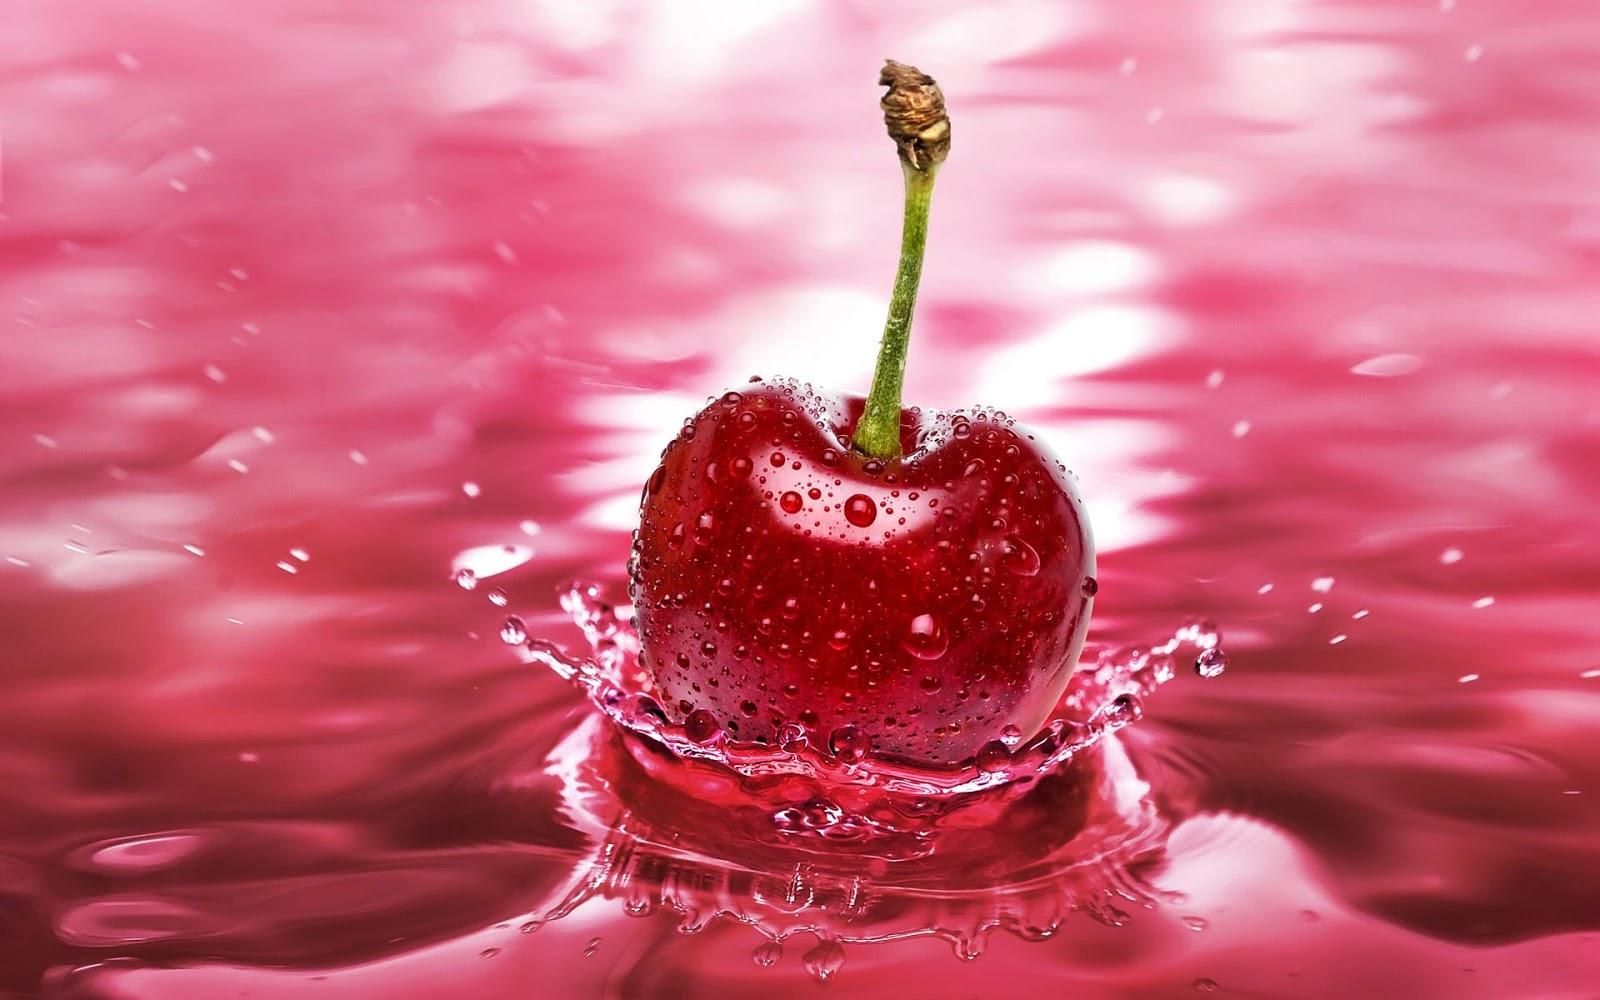 hình nền quả cherry khẽ chạm trên nước đẹp